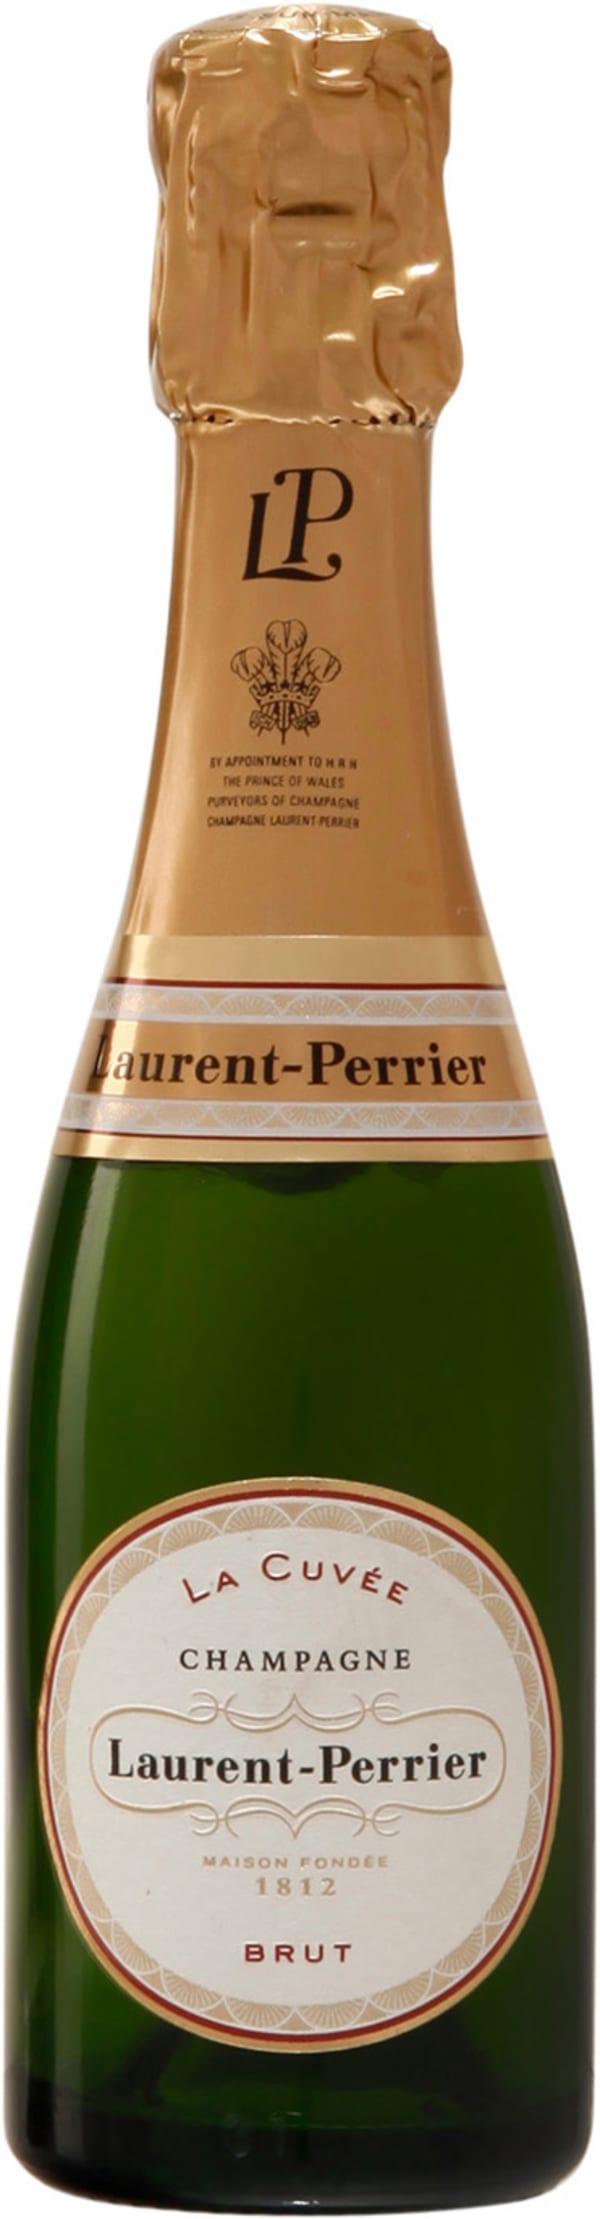 Laurent-Perrier La Cuvée Champagne Brut